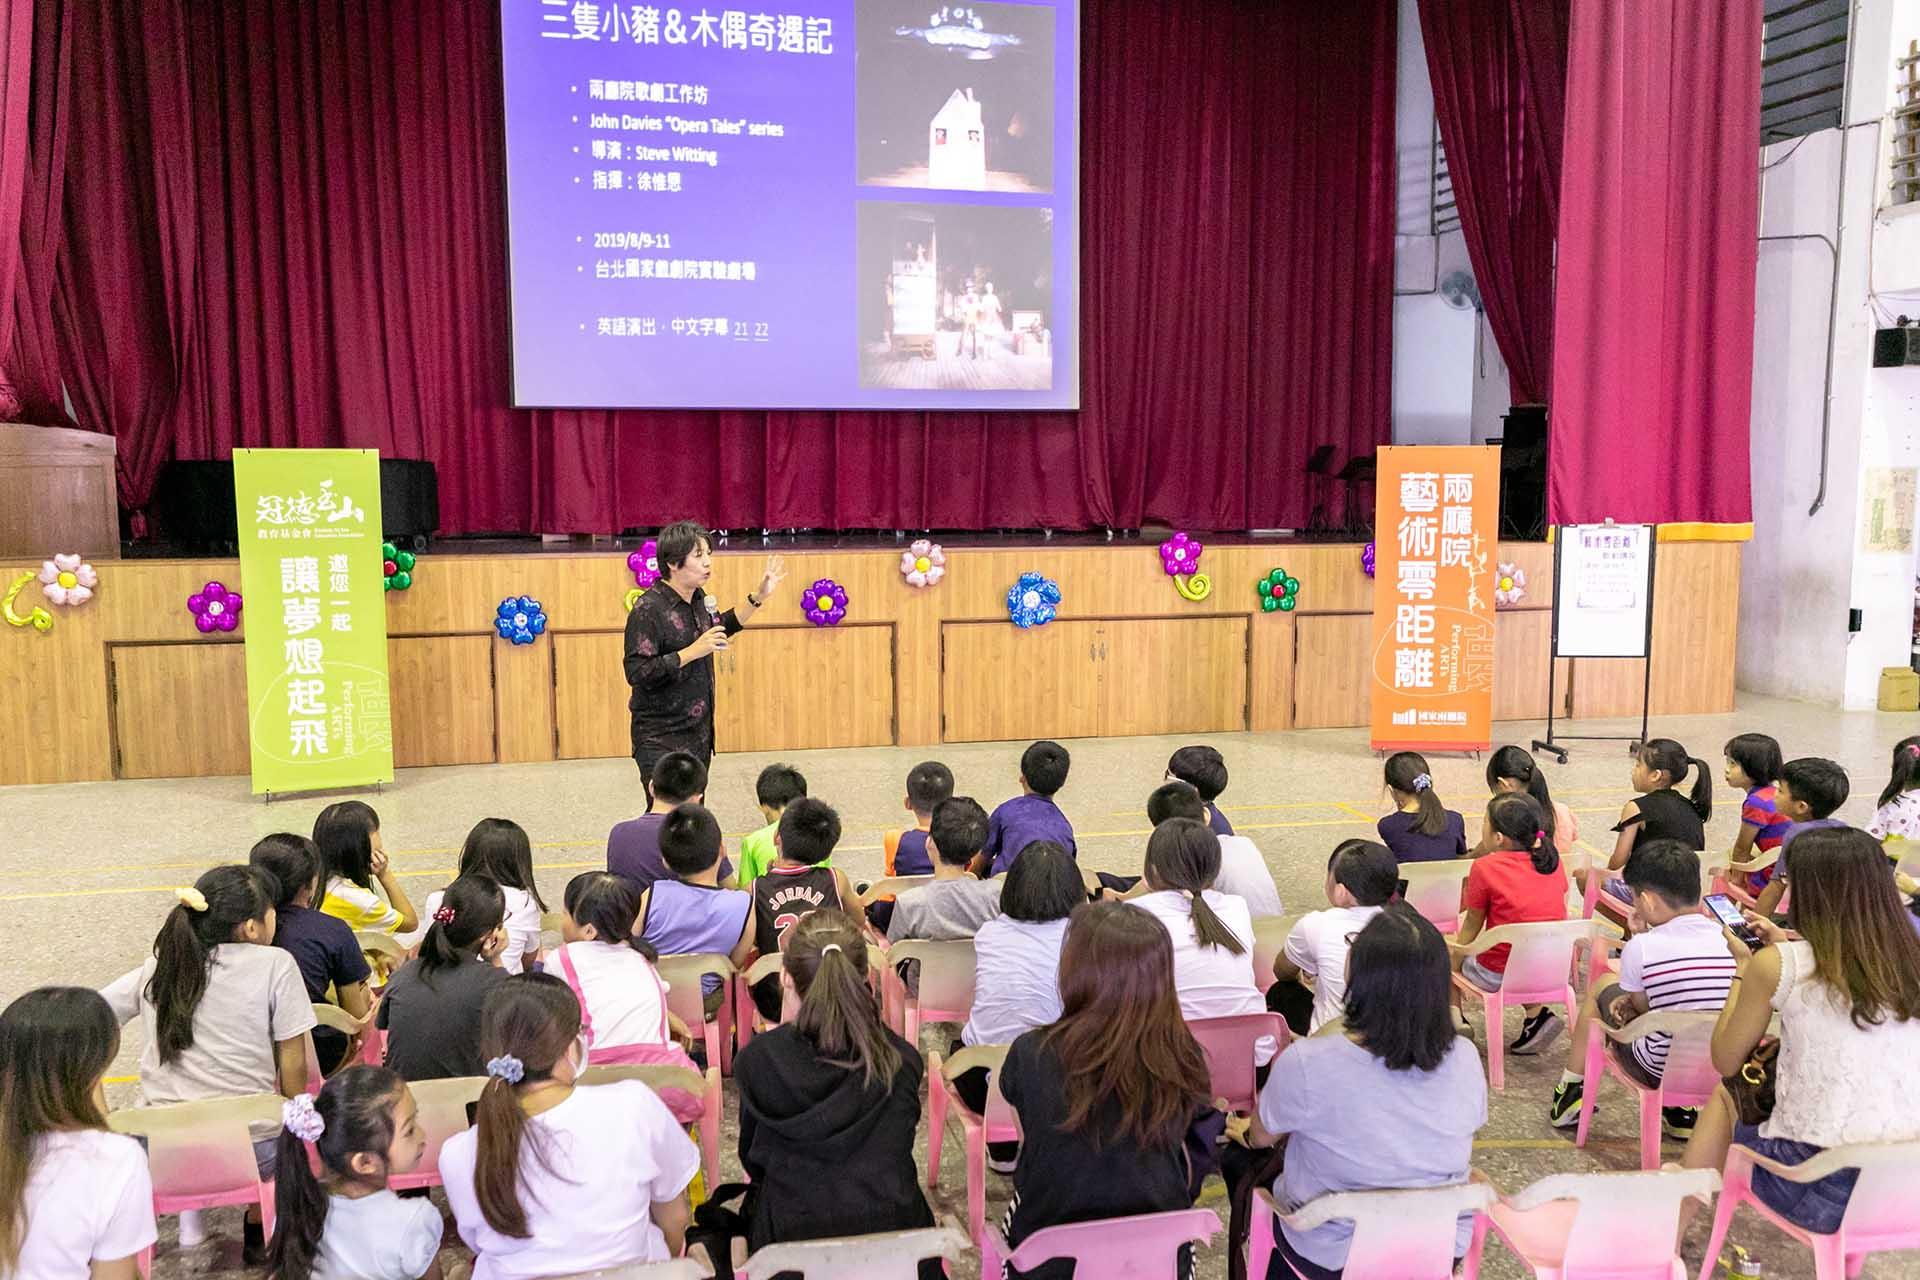 兩廳院「藝術零距離」著重深化教育,看表演前先到學校帶孩子們認識歌劇